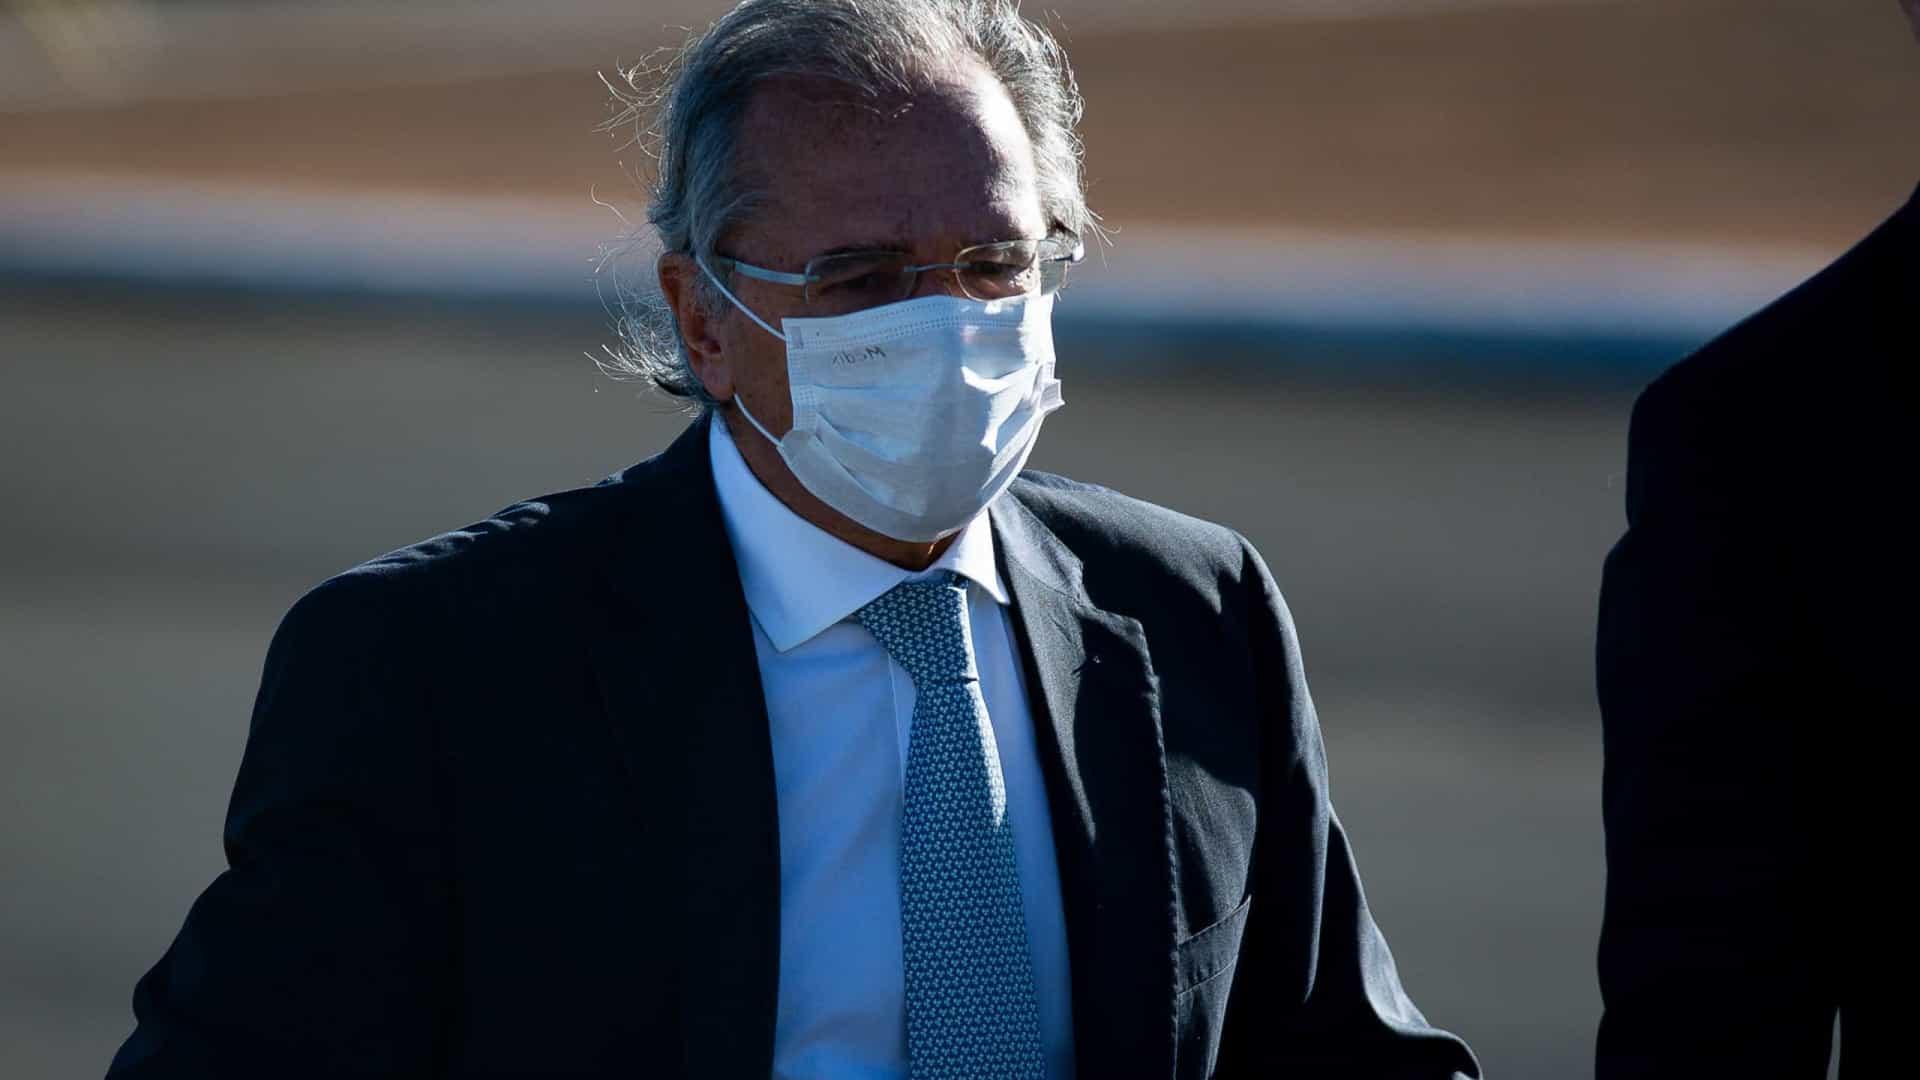 naom 5f297bd0e14c9 - Guedes nega ter encomendado relatório sobre jornalistas e influenciadores e diz que vai demitir quem encomendou o trabalho